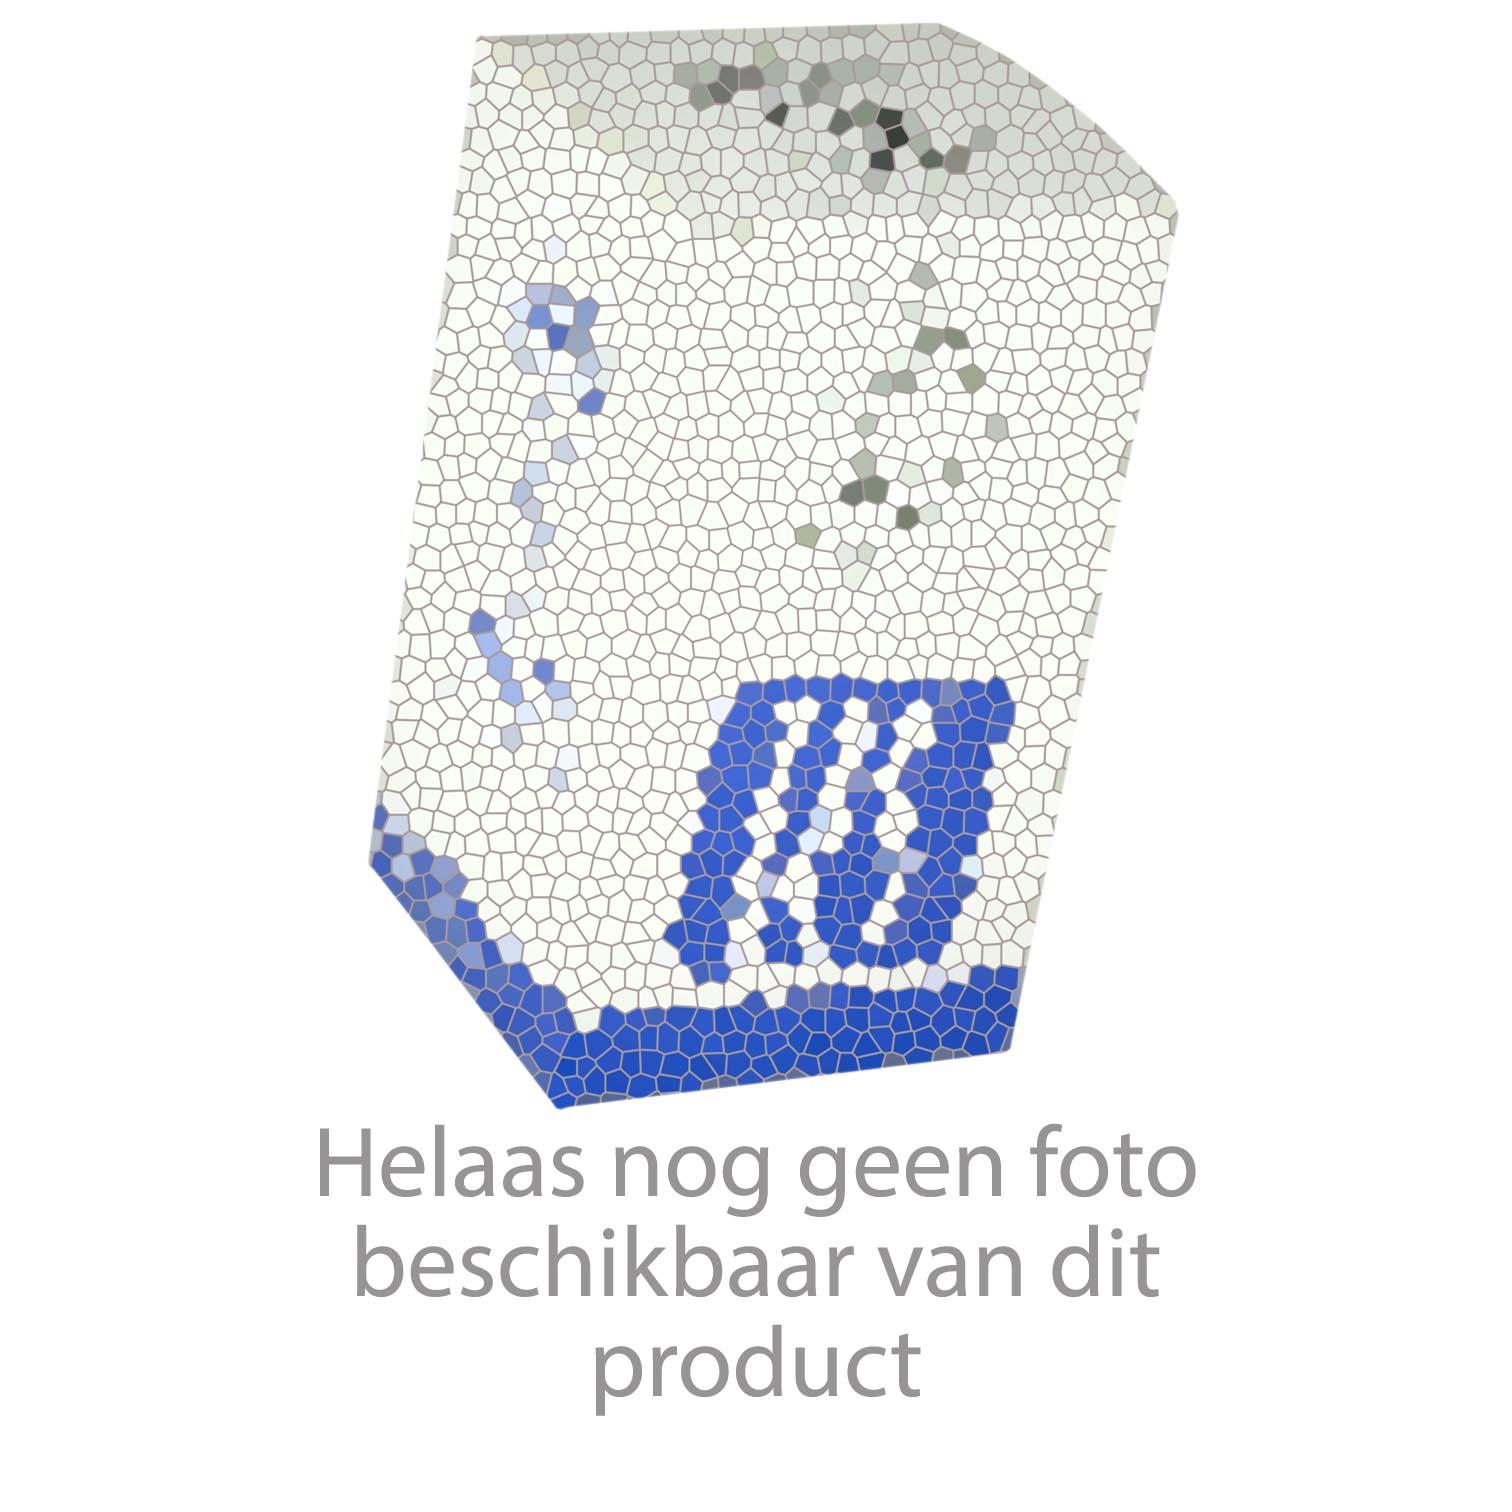 Doeco De Luxe Bladzeeppomp met 75 mm uitloop, inhoud: 500 ml. Montagegat:  26 mm. Maximale bladdikte: 50 mm Inox-look